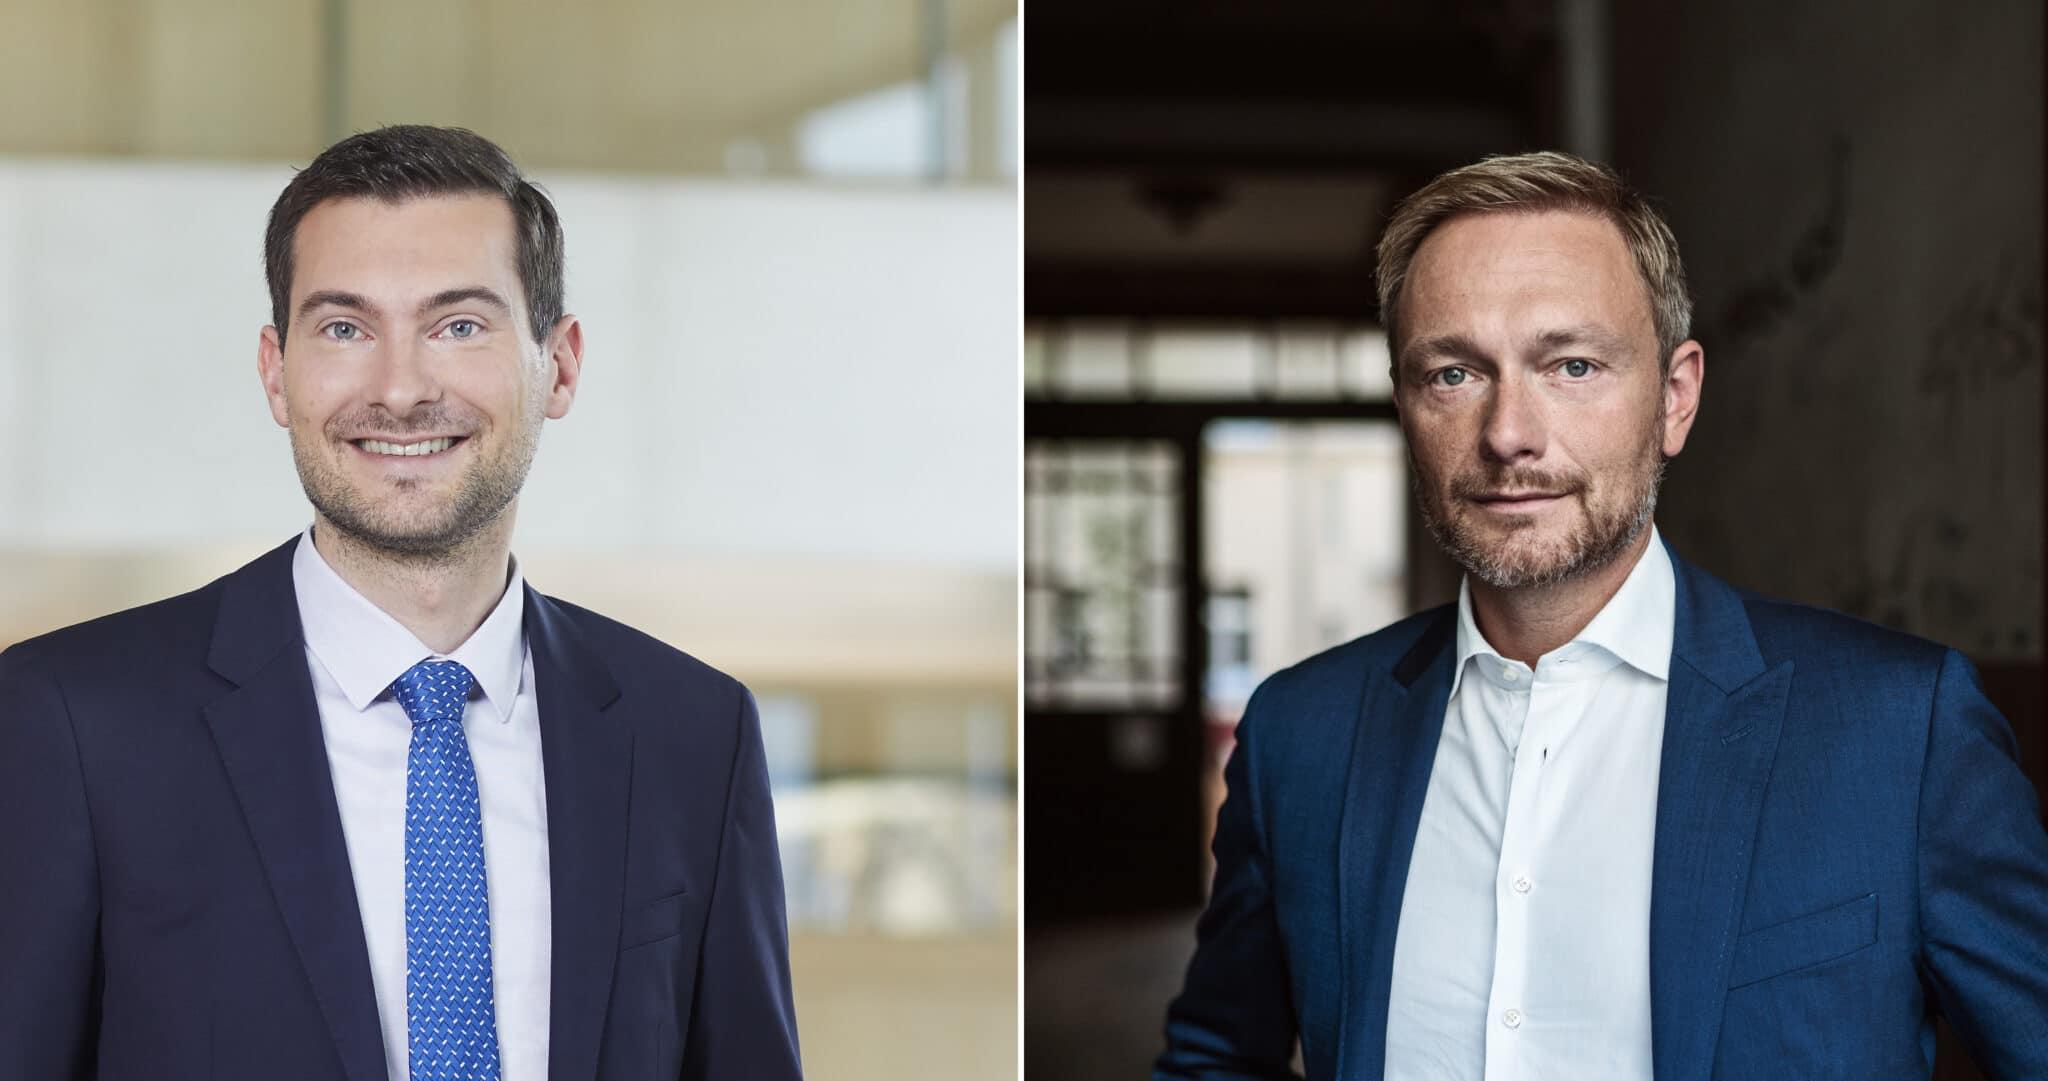 Daniel Karrais (links) und Christian Lindner. Fotos: FDP/DVP Fraktion im Landtag von Baden-Württemberg, pm